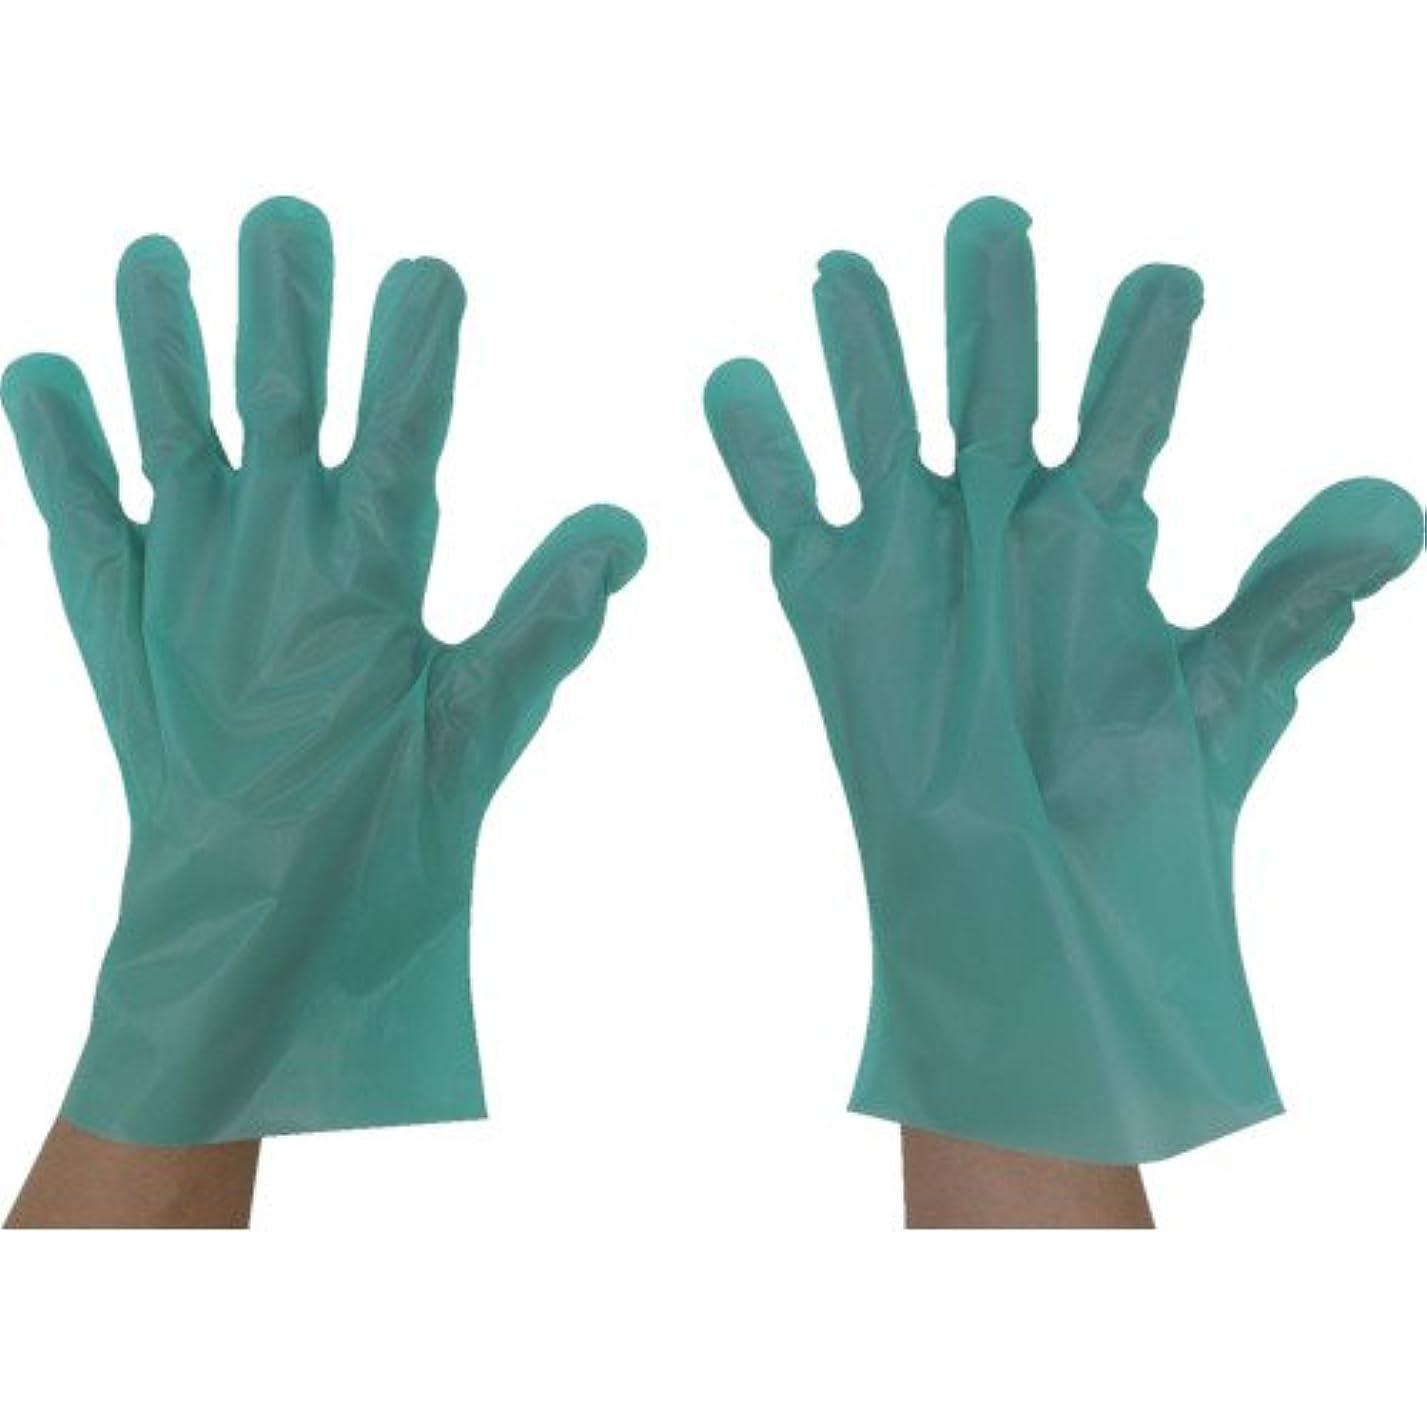 東京パック エンボス手袋五本絞りエコノミー化粧箱L グリーン GEK-L